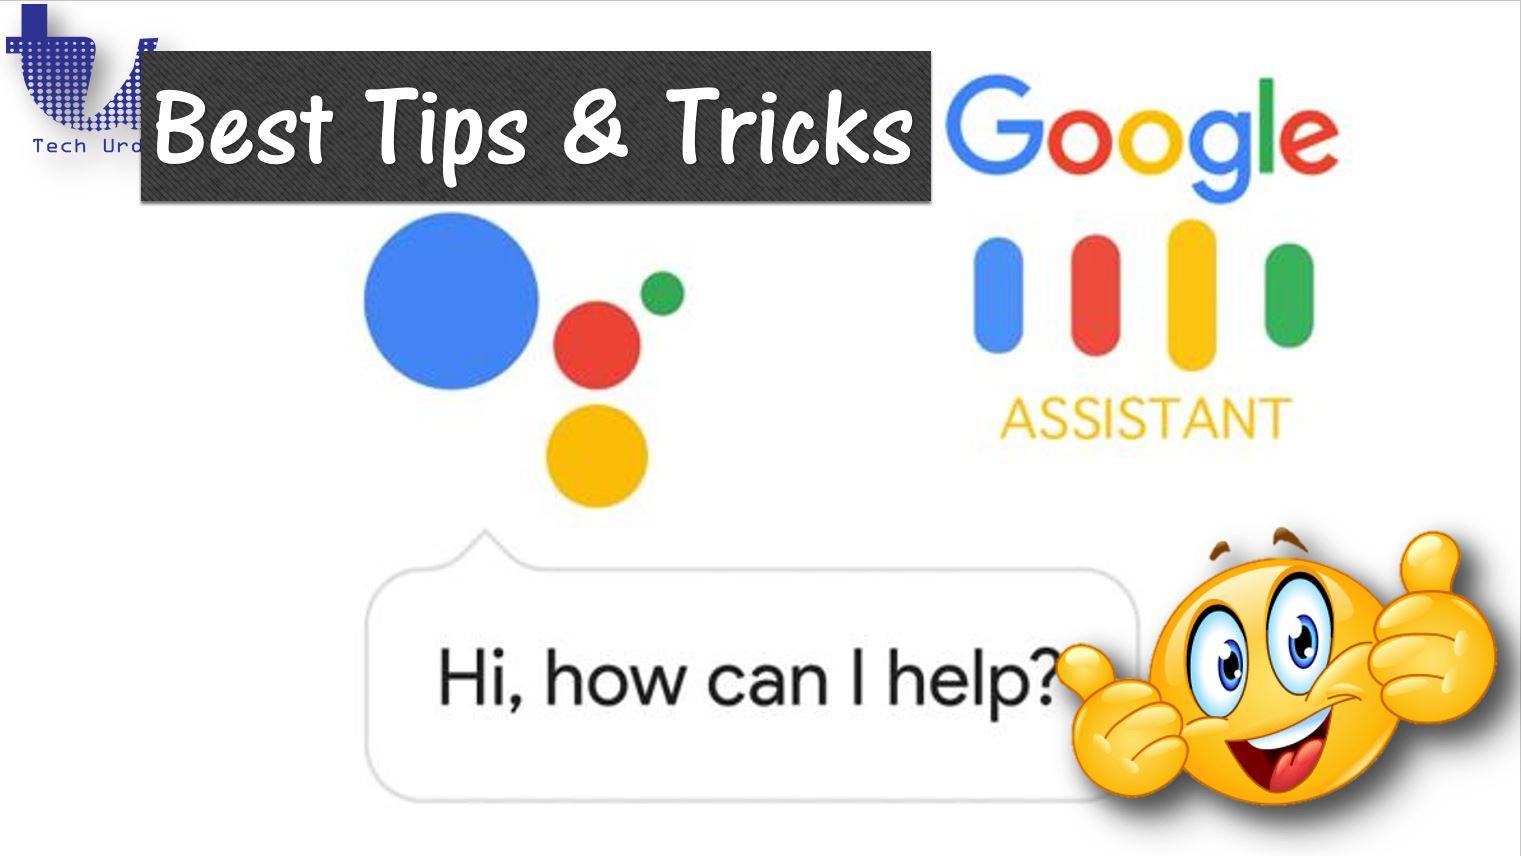 Google Assistant - Best Tips & Tricks (2019)